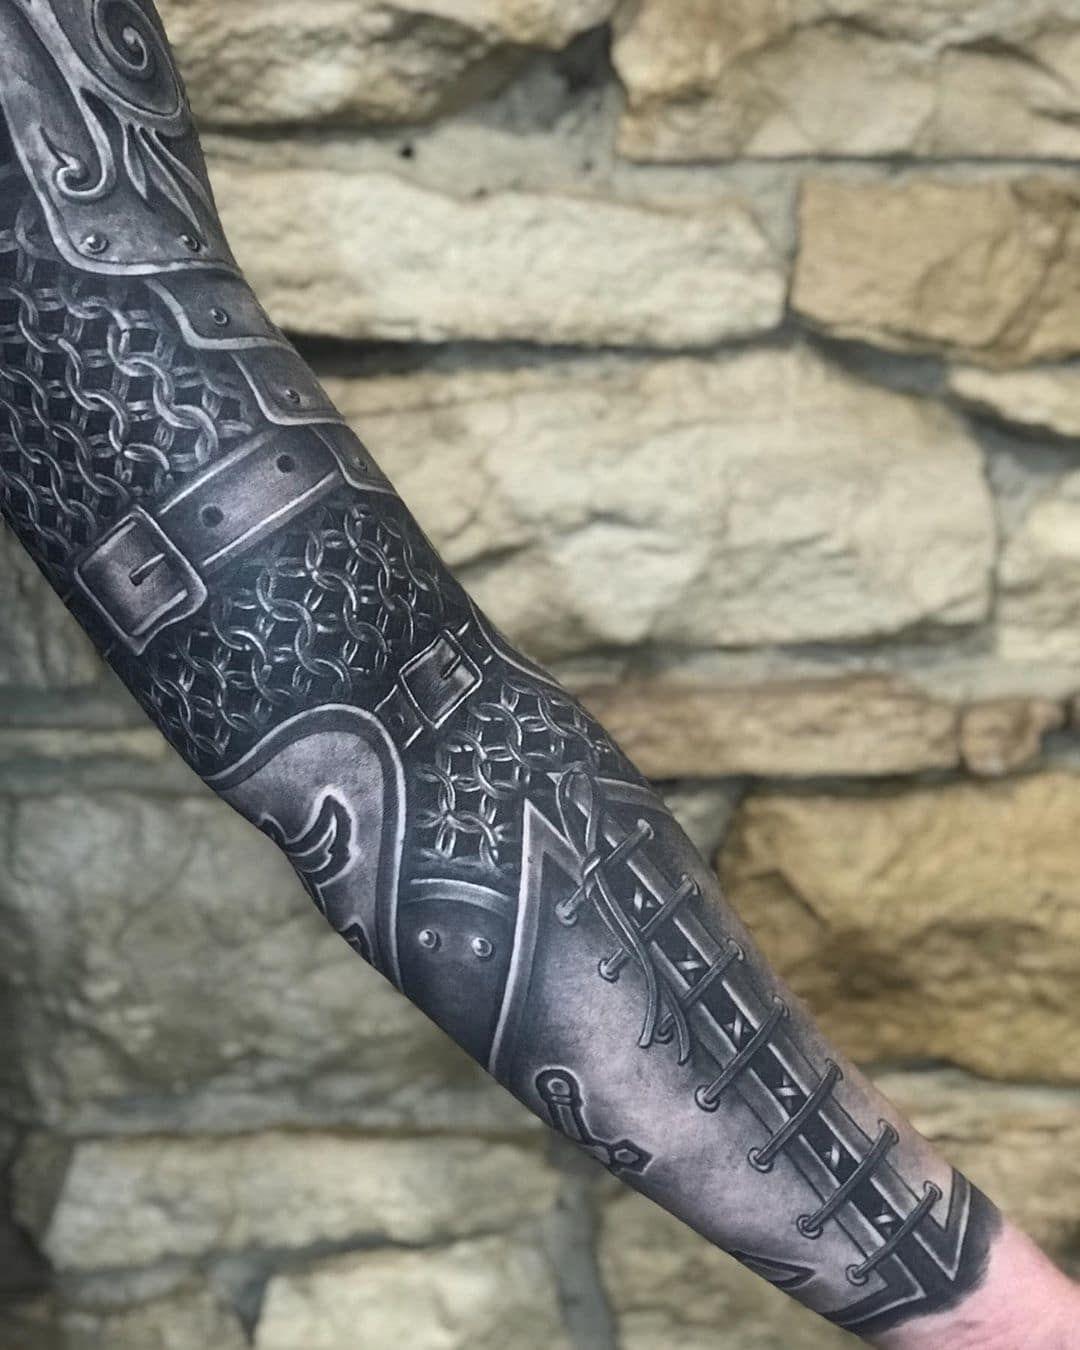 Lower Back Tattoos Armor Tattoo Sleeve Warriors Back Armor Tattoo Knight In Shining Armor Tattoo Armo Armor Sleeve Tattoo Shoulder Armor Tattoo Armor Tattoo